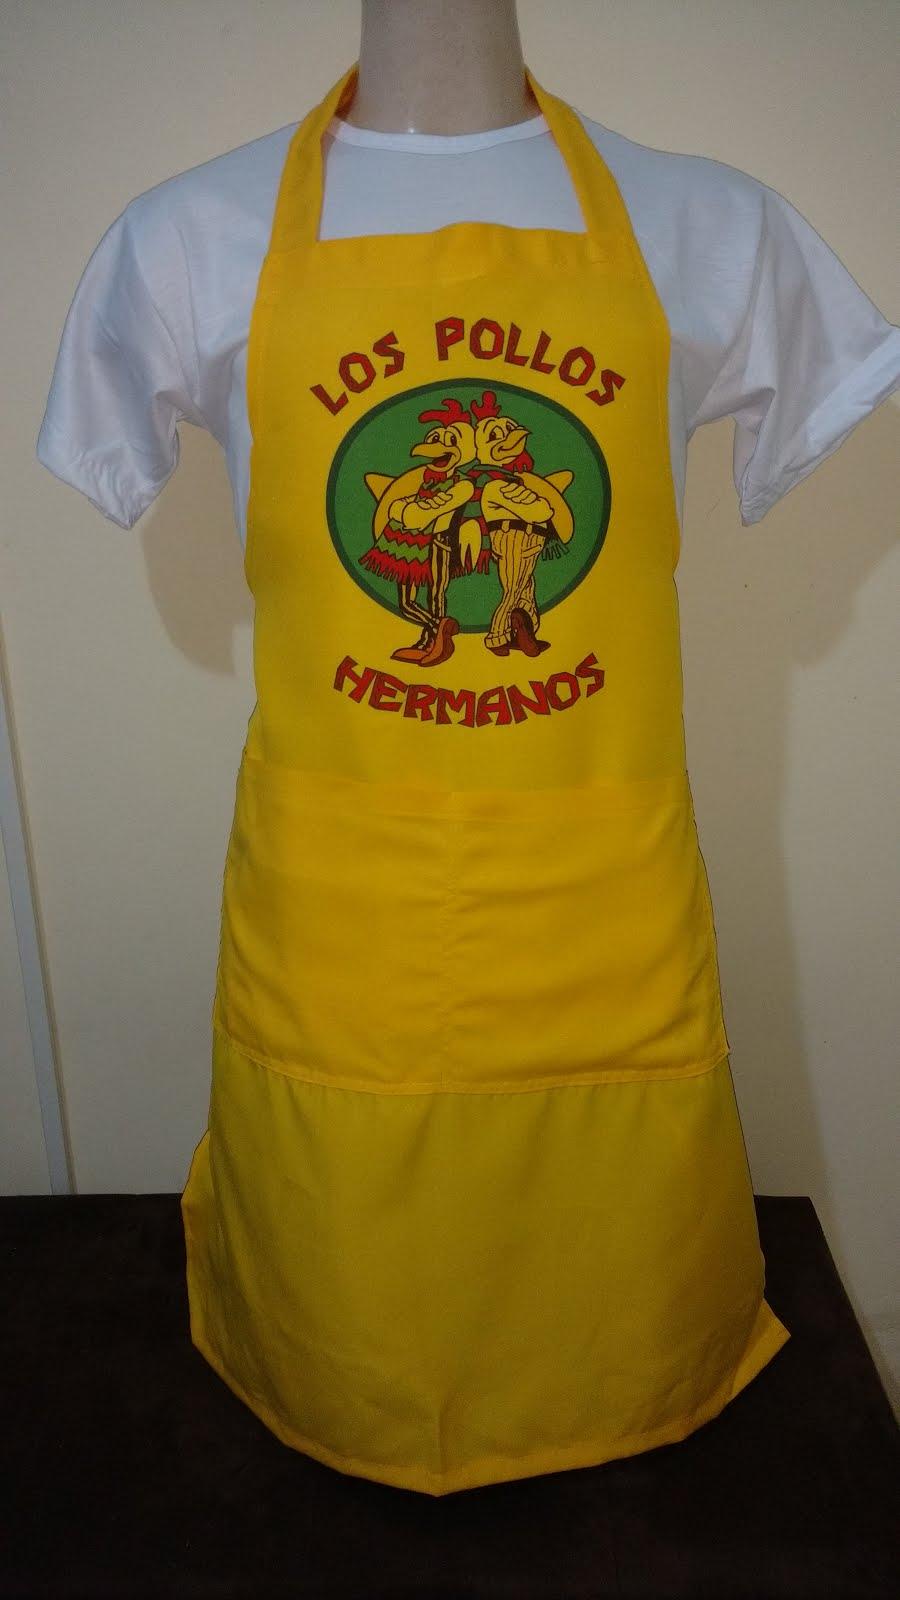 Promoção! Avental Los Pollos Hermanos!